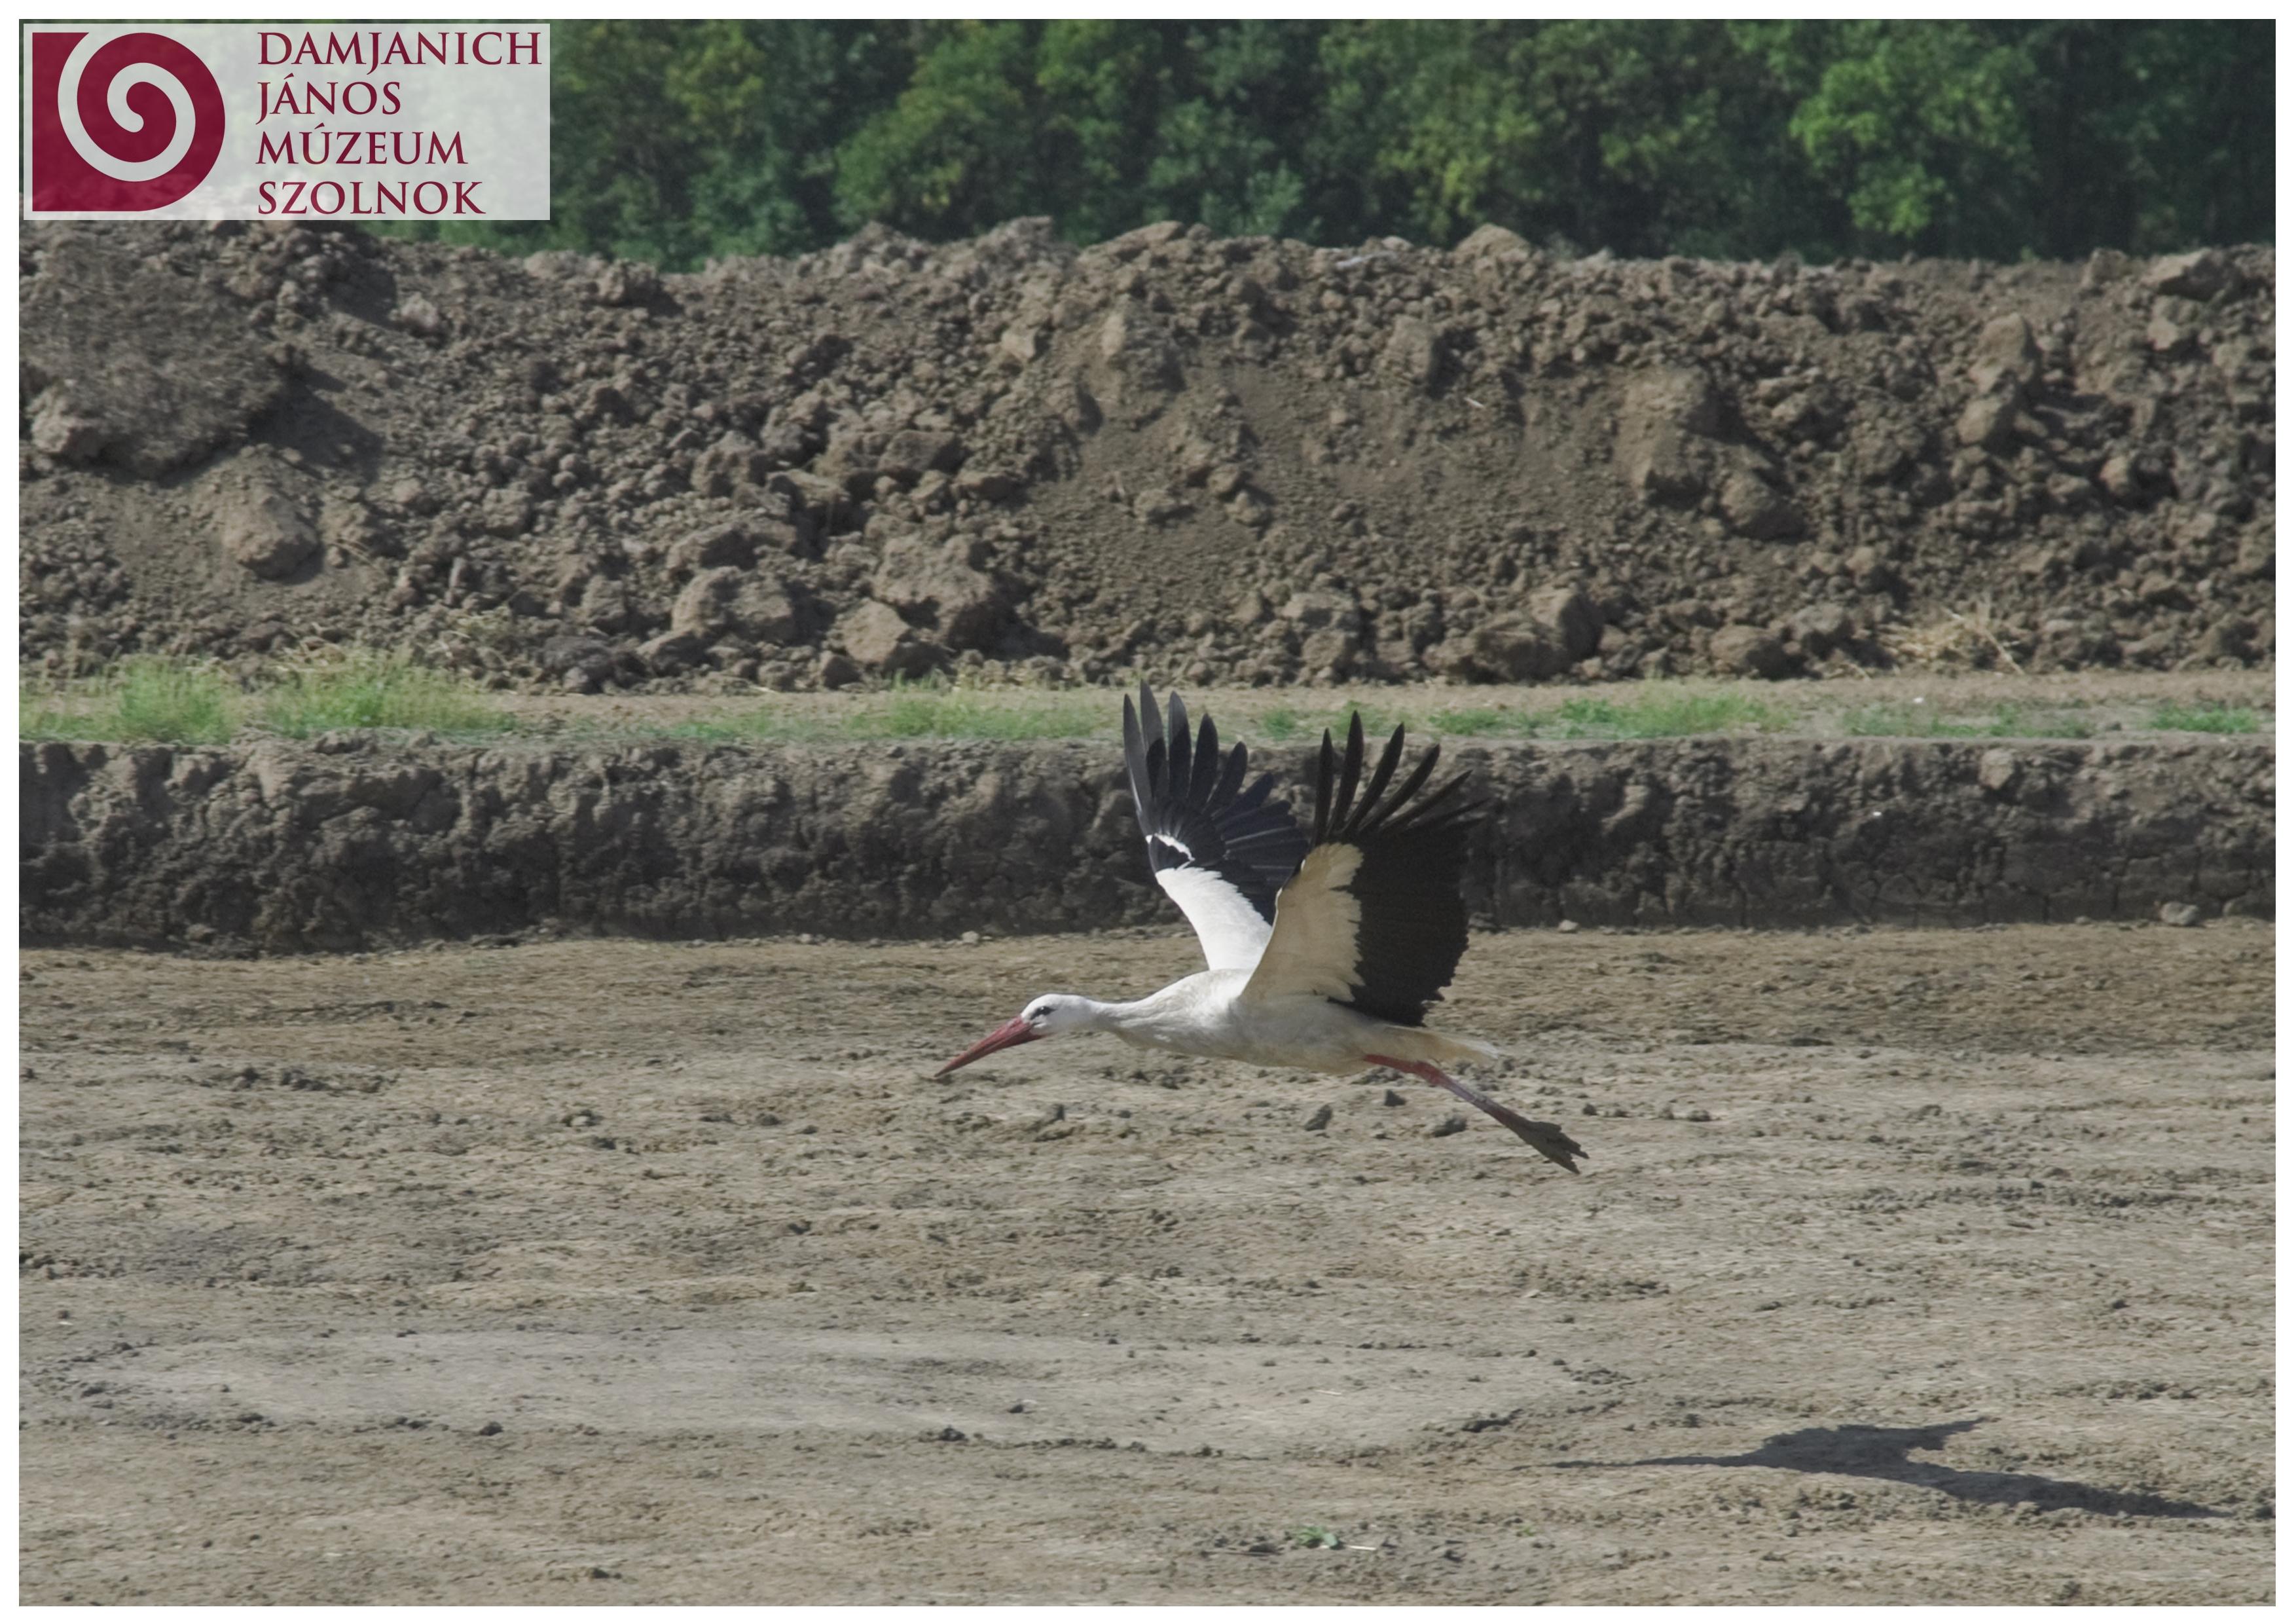 stork1.jpg